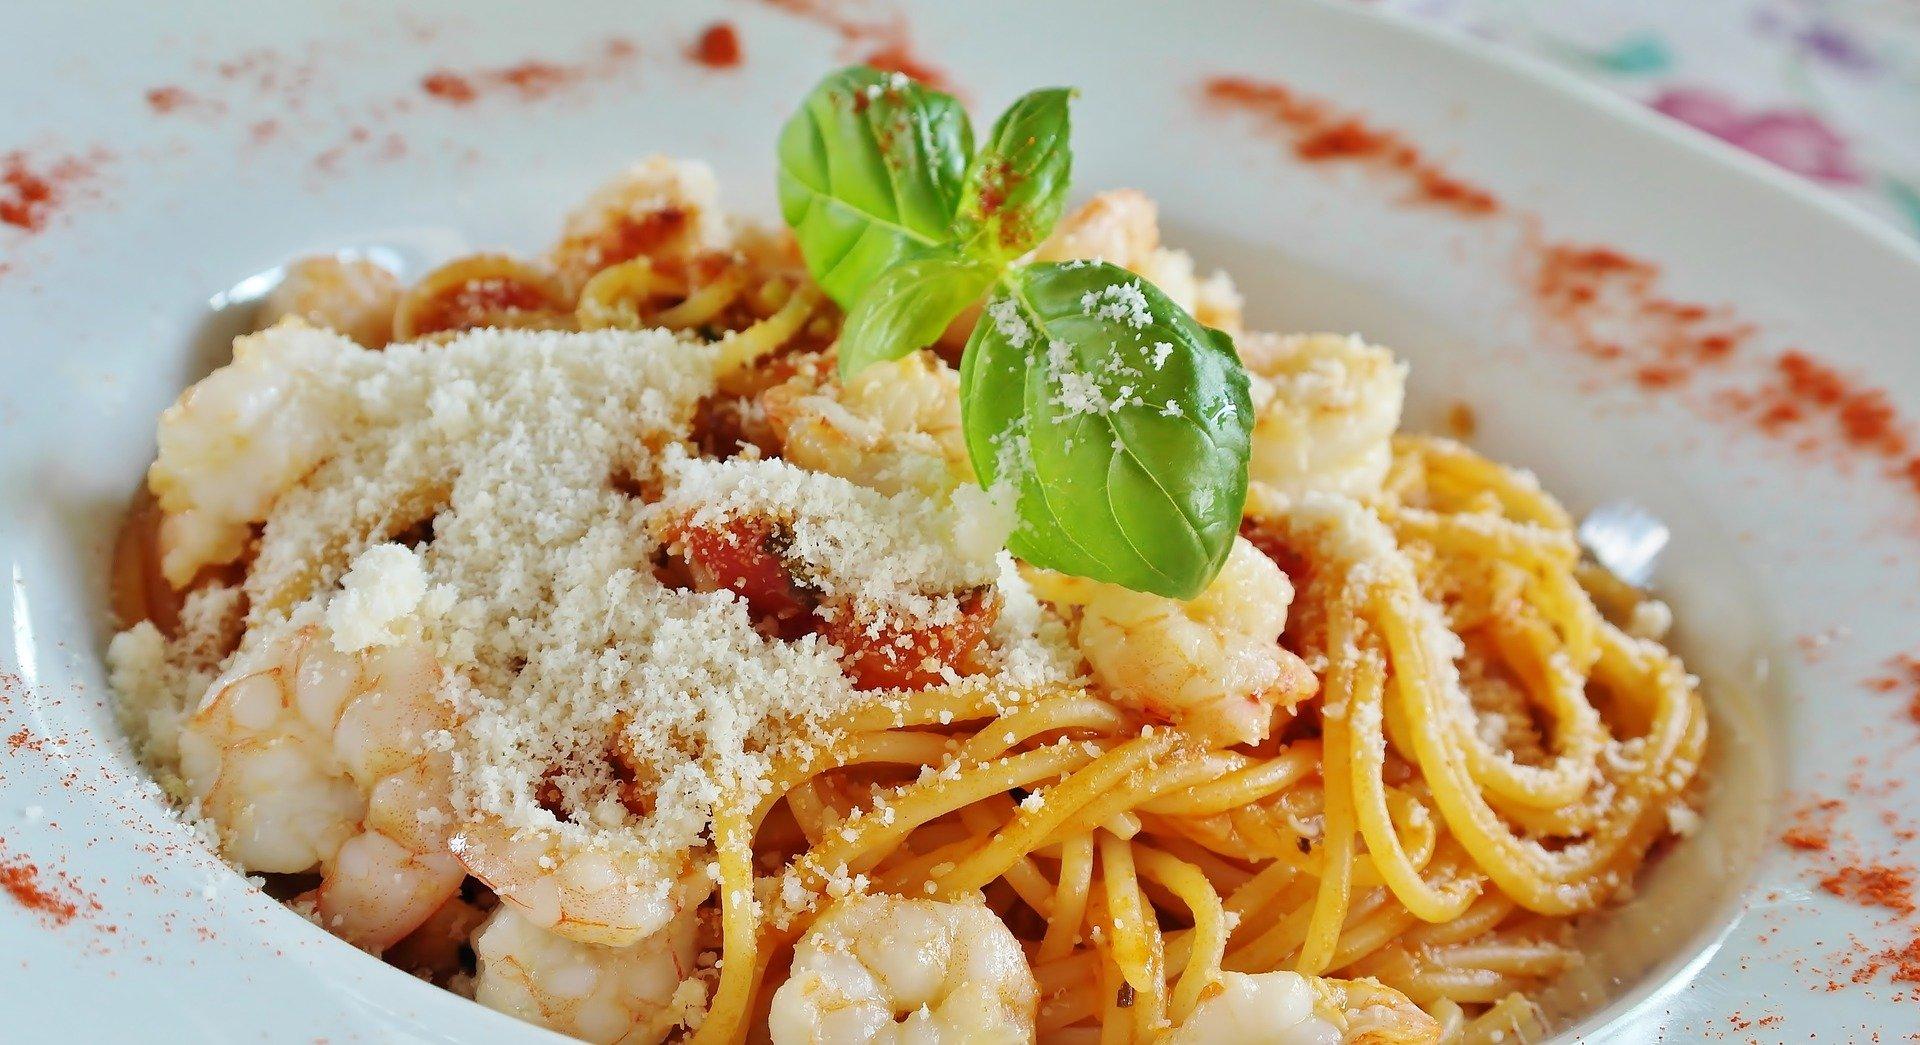 Pasta. Fuente: Pixabay